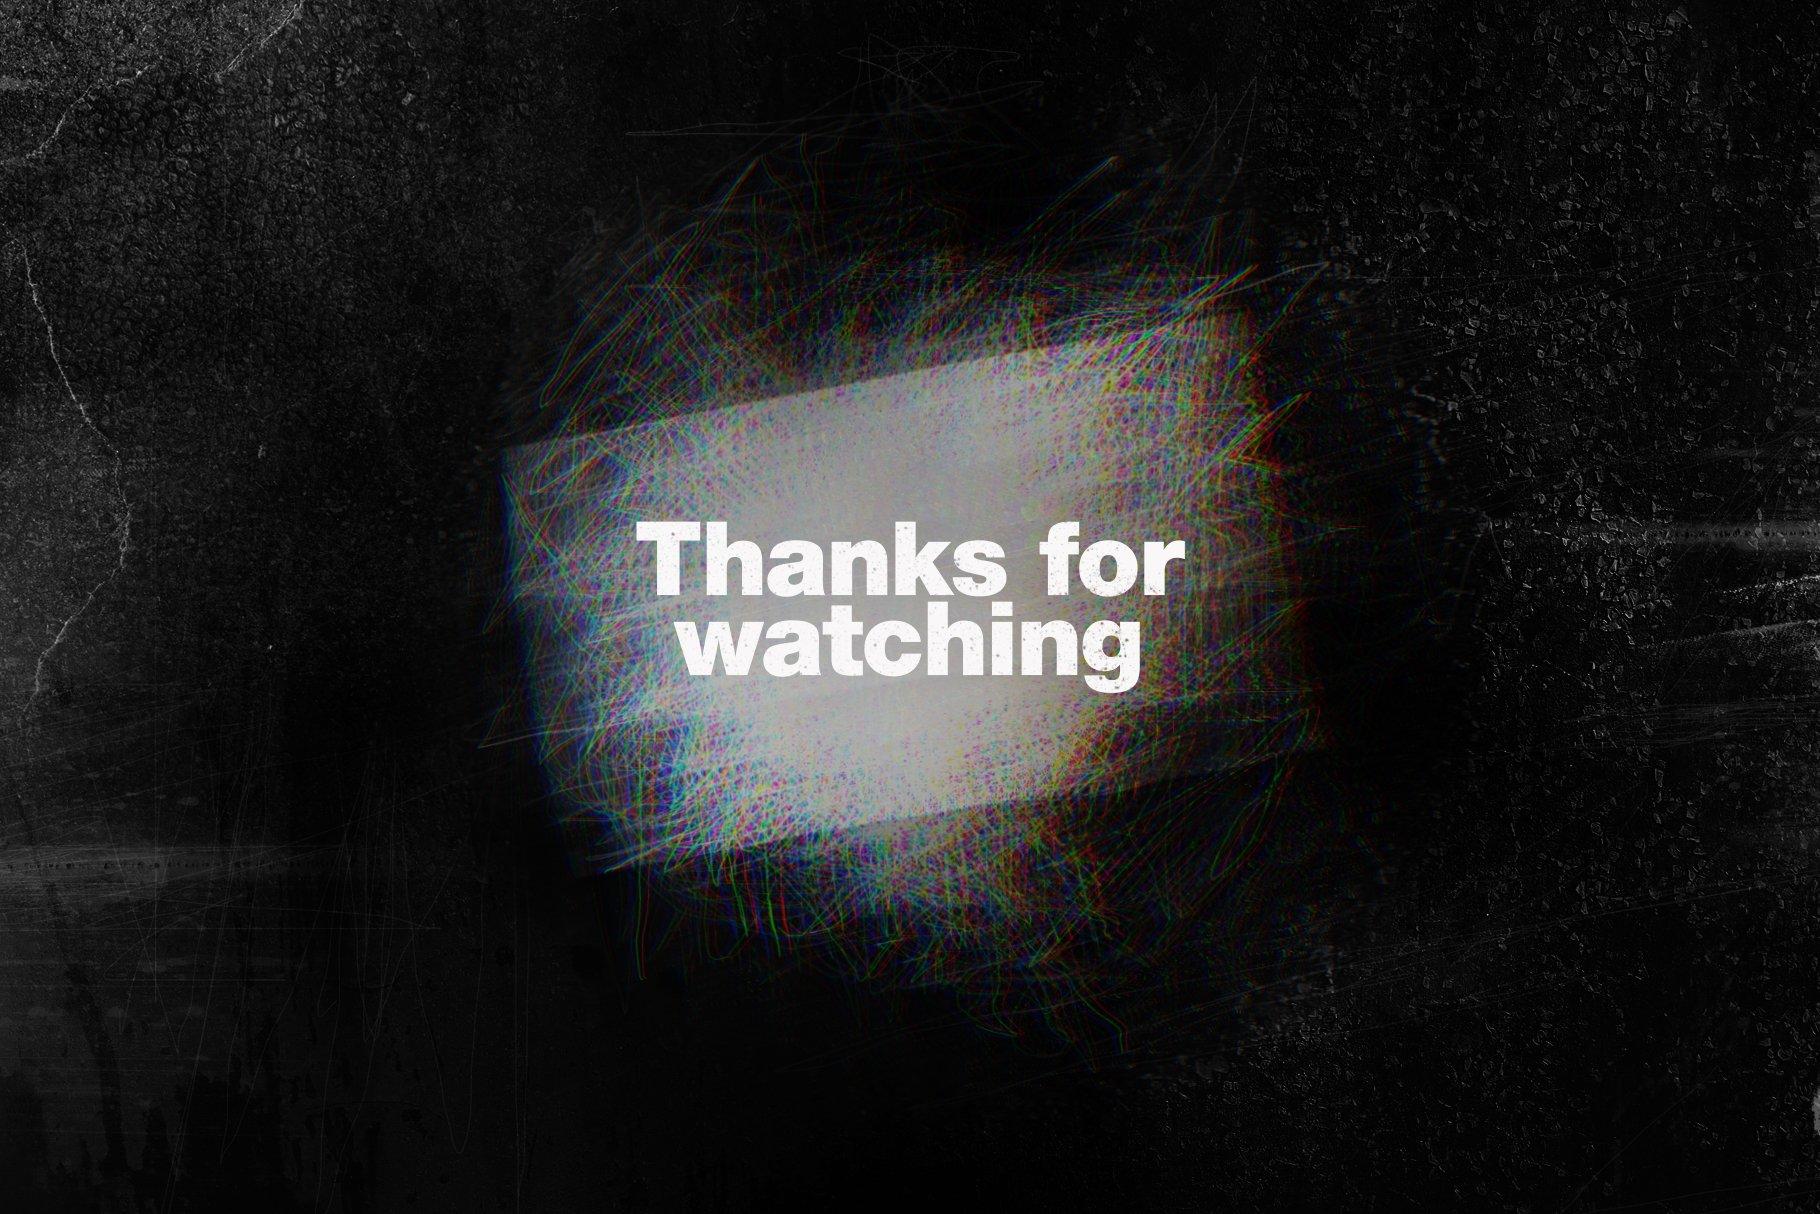 [淘宝购买] 潮流抽象故障扭曲网格塑料薄膜海报设计背景纹理素材 Grunge&Glitch – Toolkit 7in1插图(11)